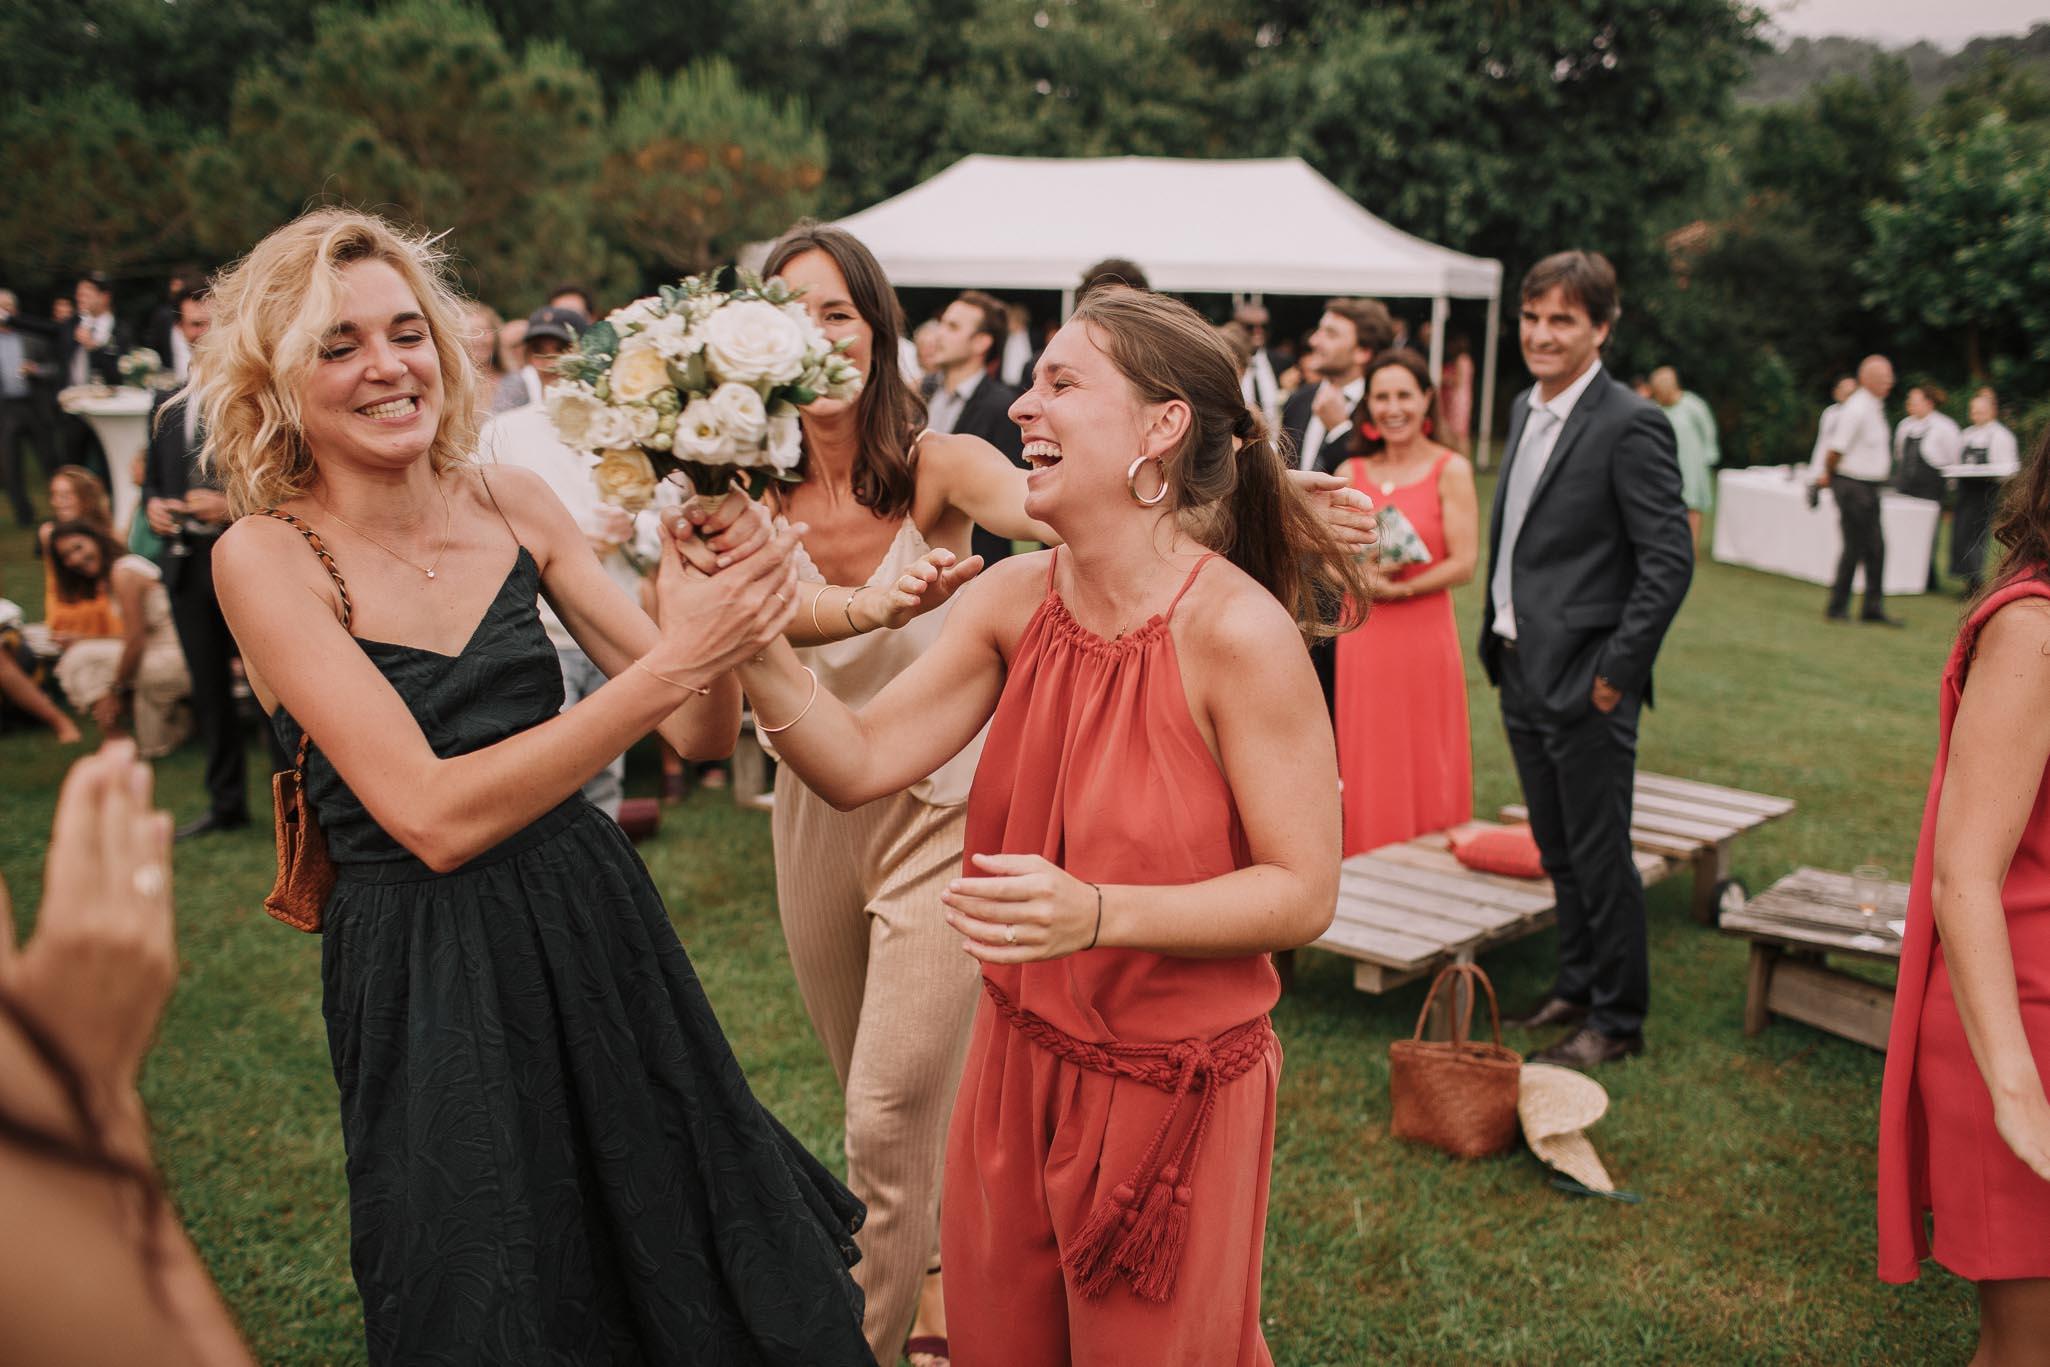 Photographe-mariage-bordeaux-jeremy-boyer-pays-basque-ihartze-artea-sare-robe-eleonore-pauc-couple-amour-140.jpg